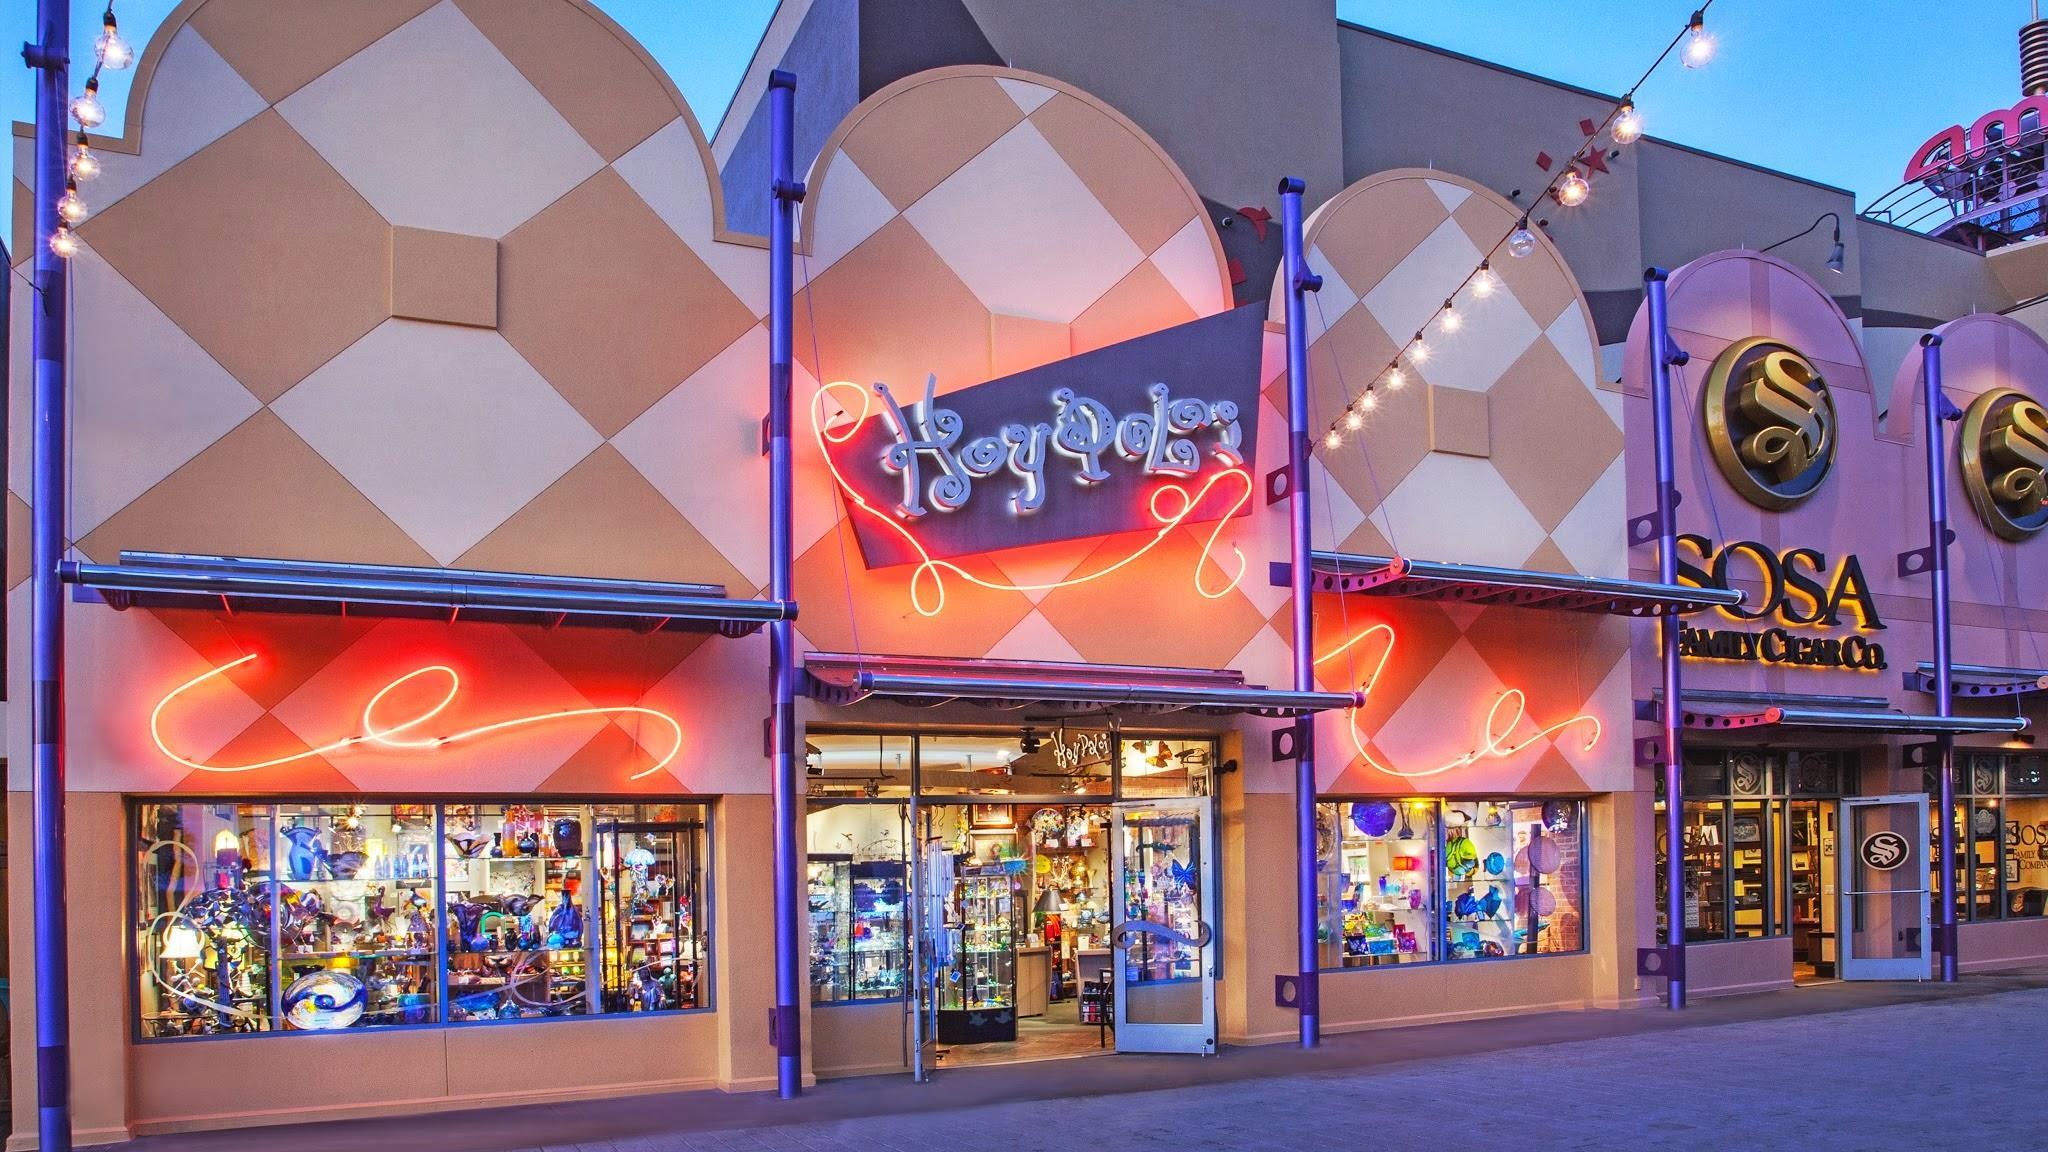 Disney Springs image 4